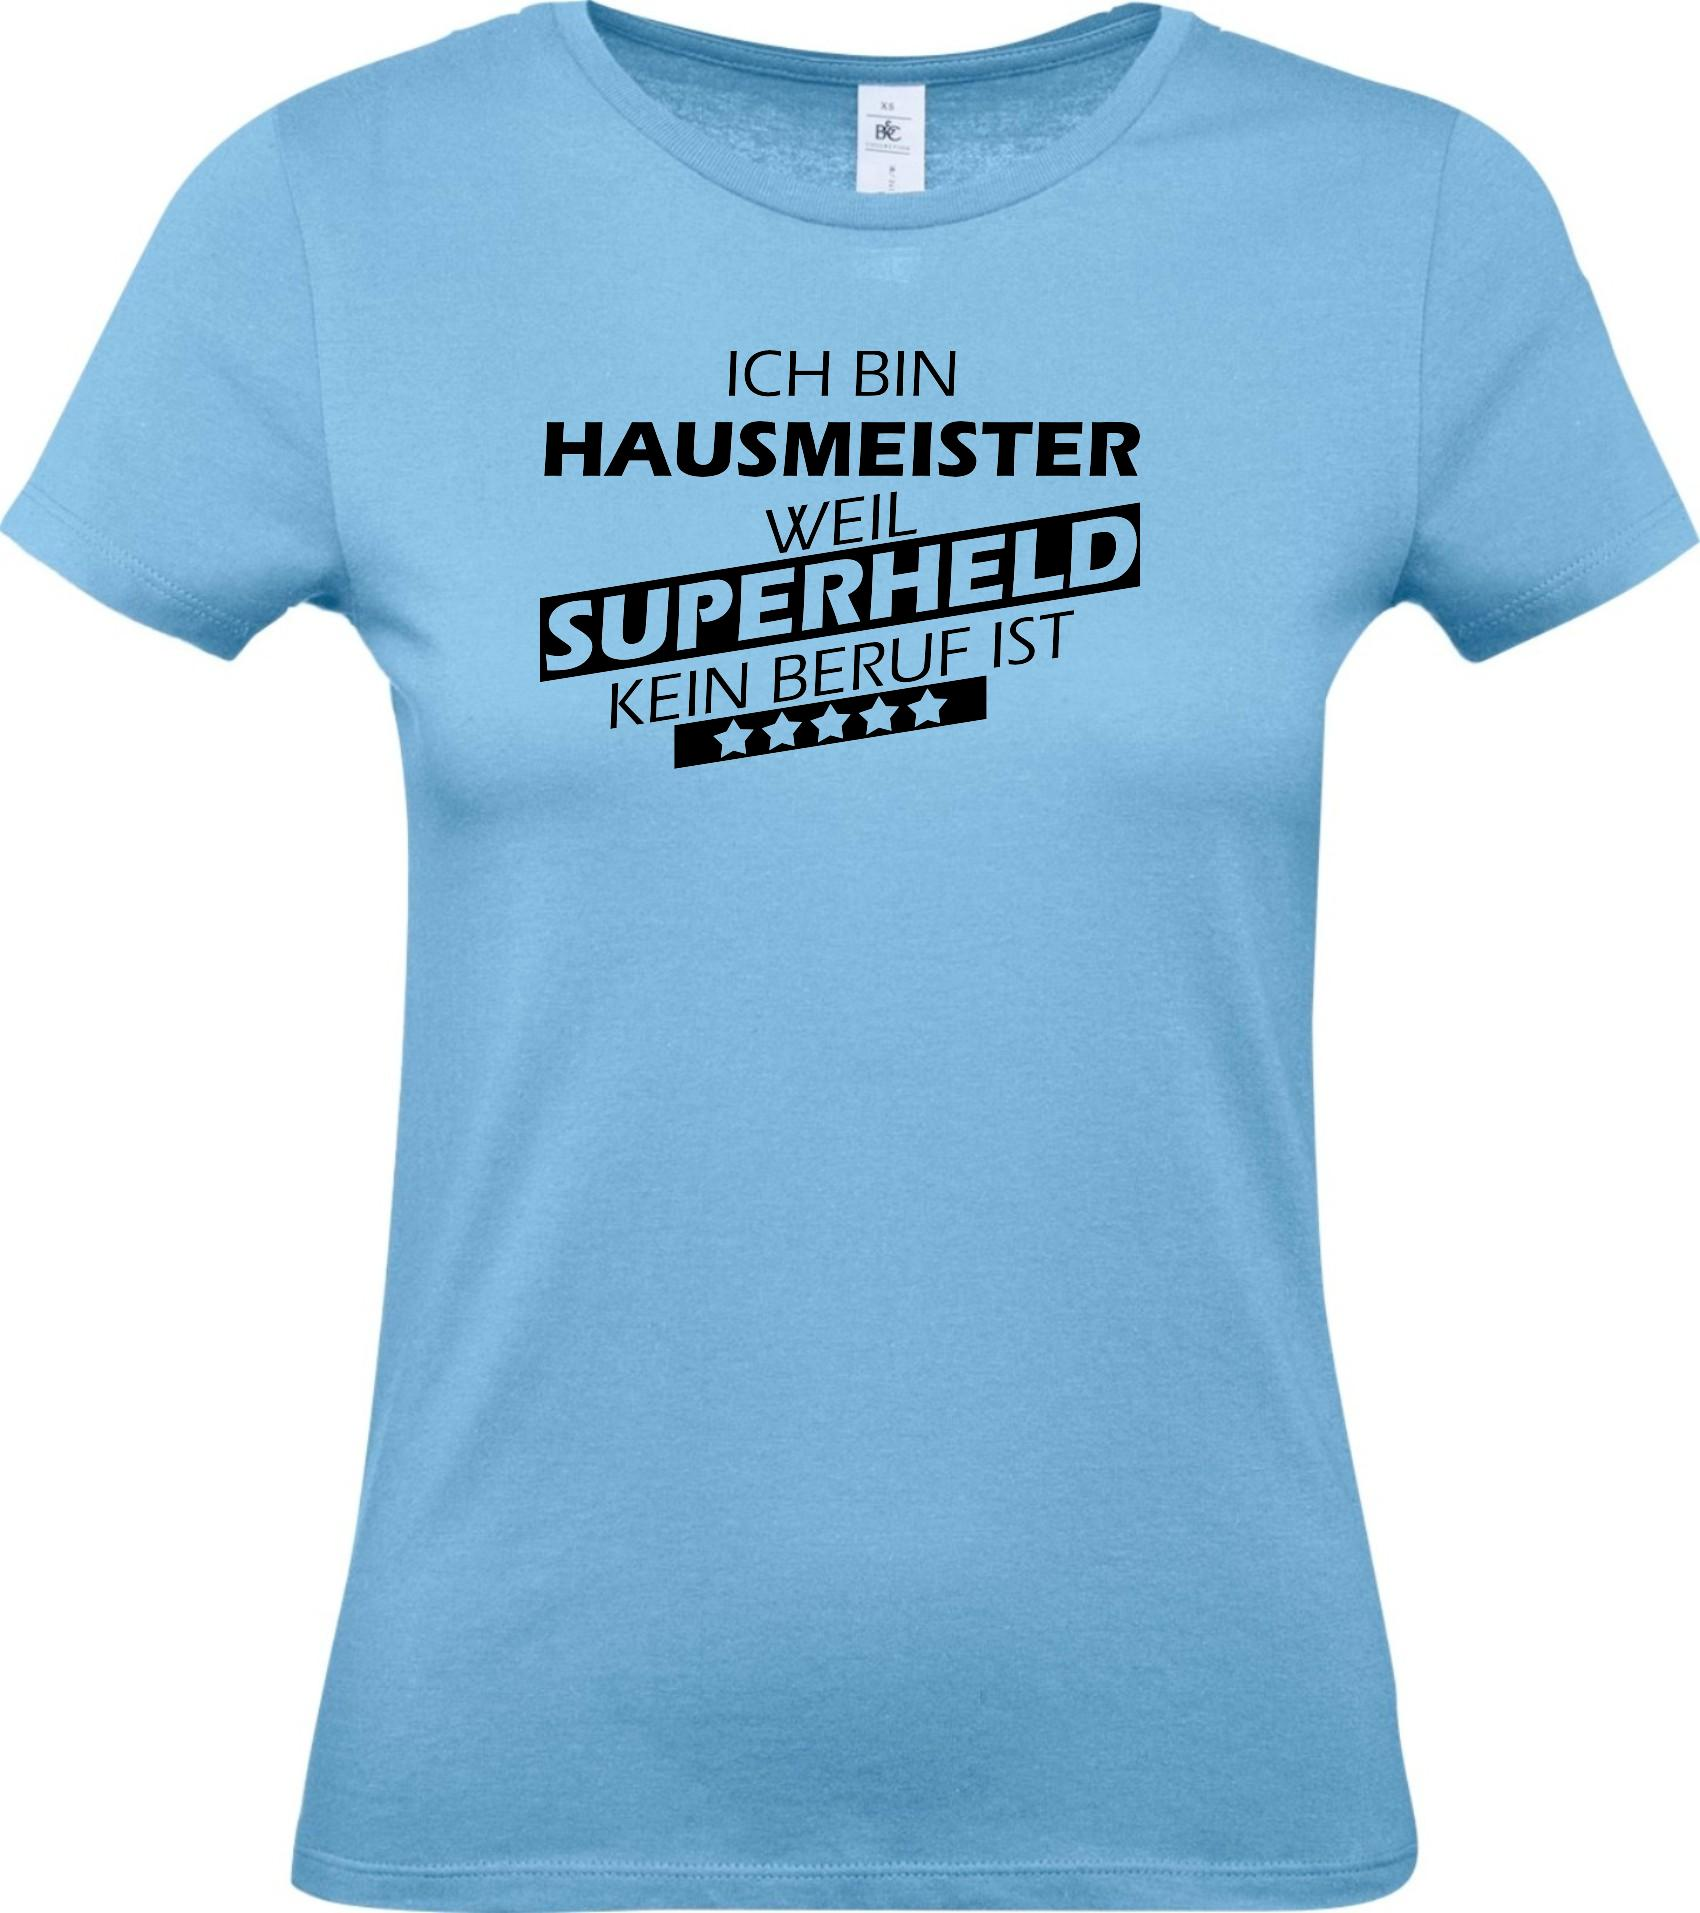 Lady-T-Shirt-Ich-bin-Hausmeist-er-weil-Superheld-kein-Beruf-ist